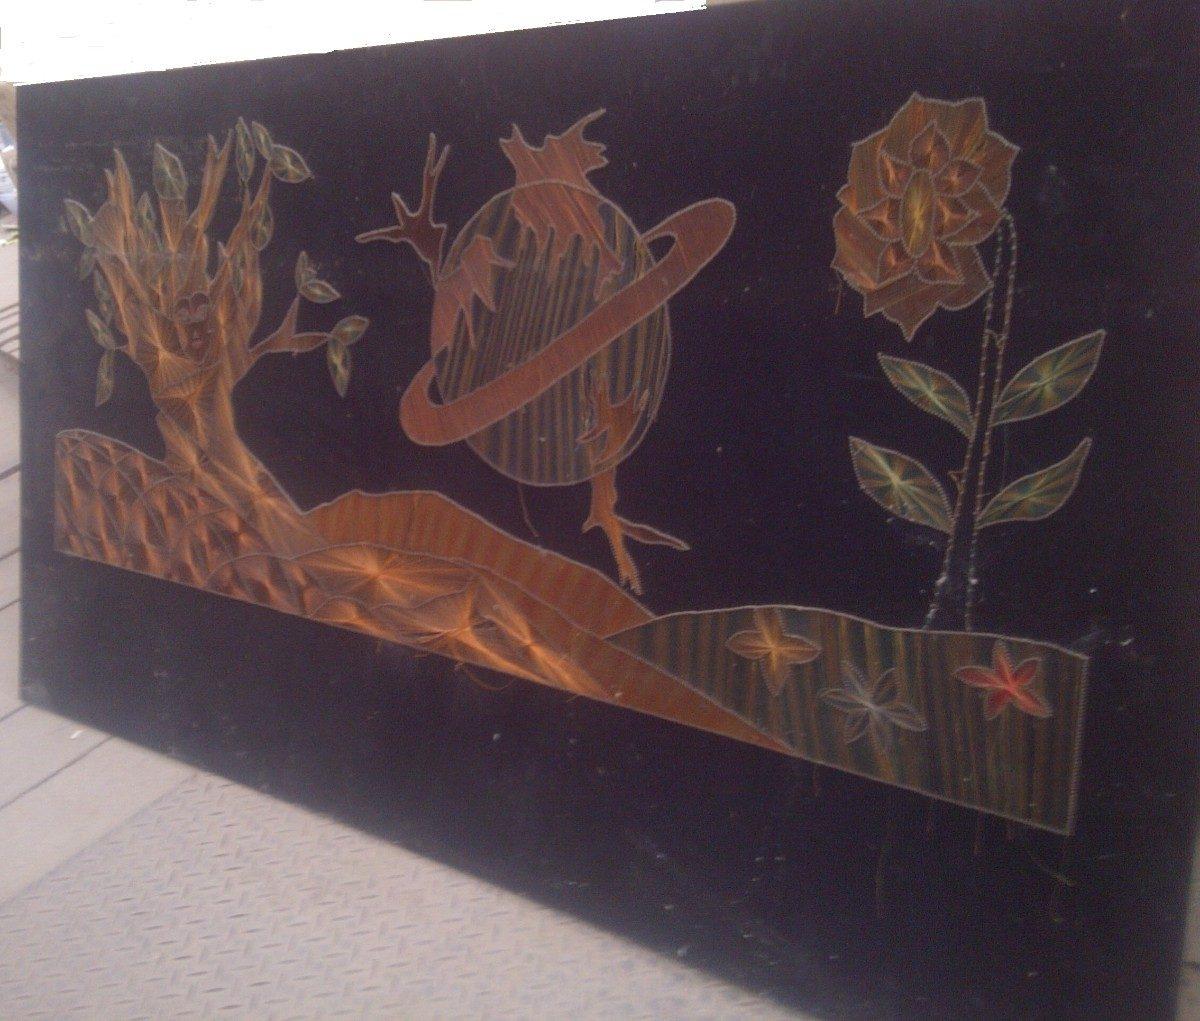 Cuadro Tipo Mural Antiguo Con Clavos E Hilos - $ 599,00 en Mercado Libre